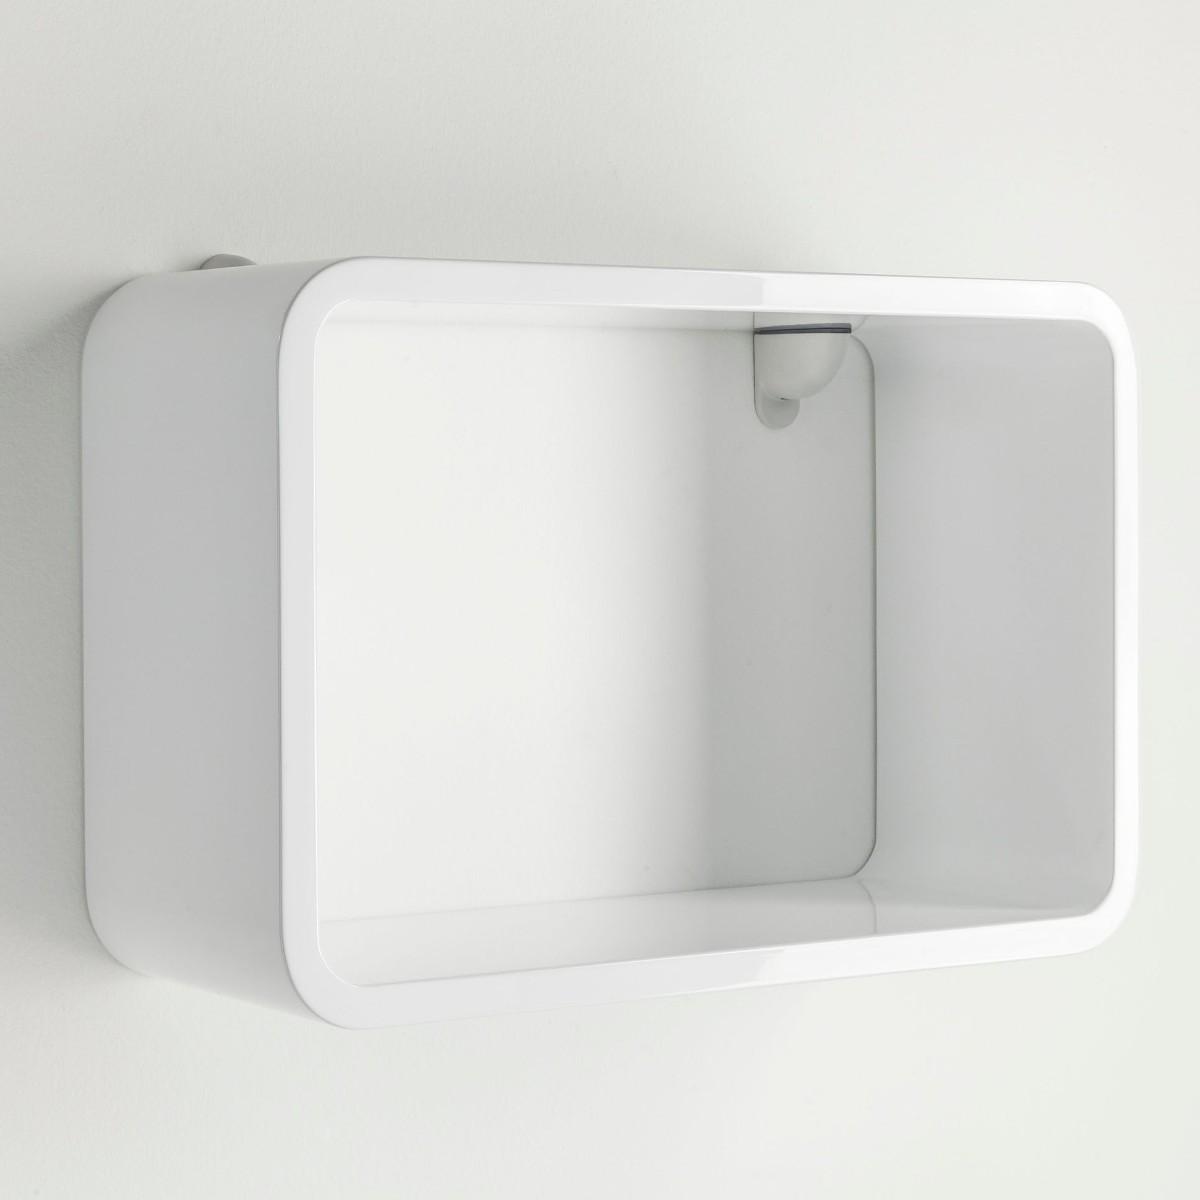 Set 3 cubi kuadra da parete mensole rettangolari per arredo for Arredamento mensole a parete